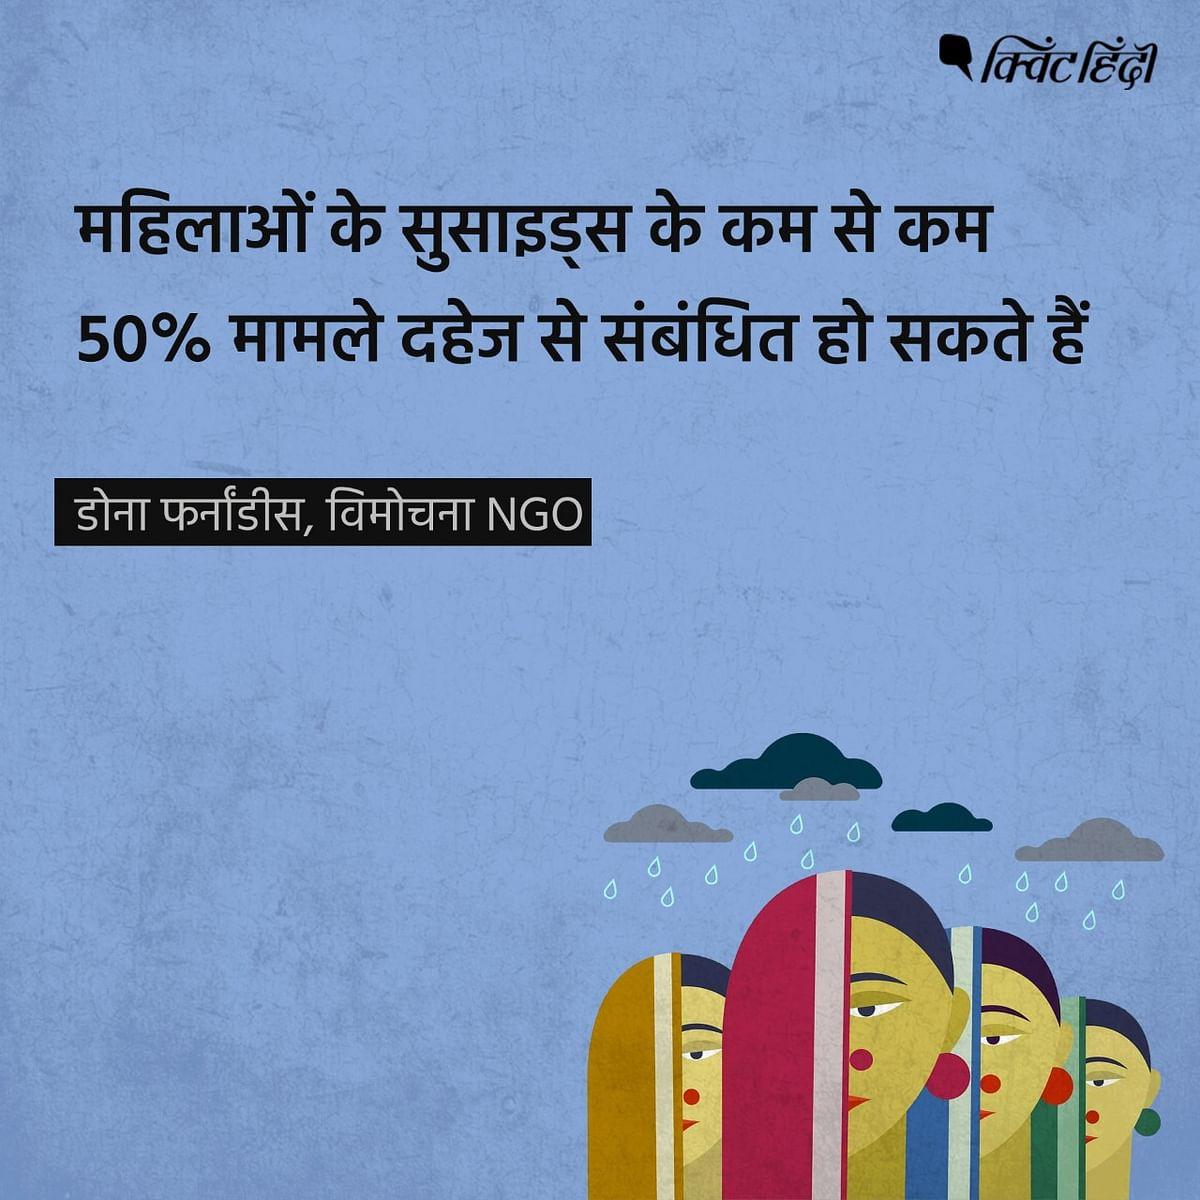 केरल सुसाइड केस: भारतीय घरों में महिलाओं को क्या मार रहा है?